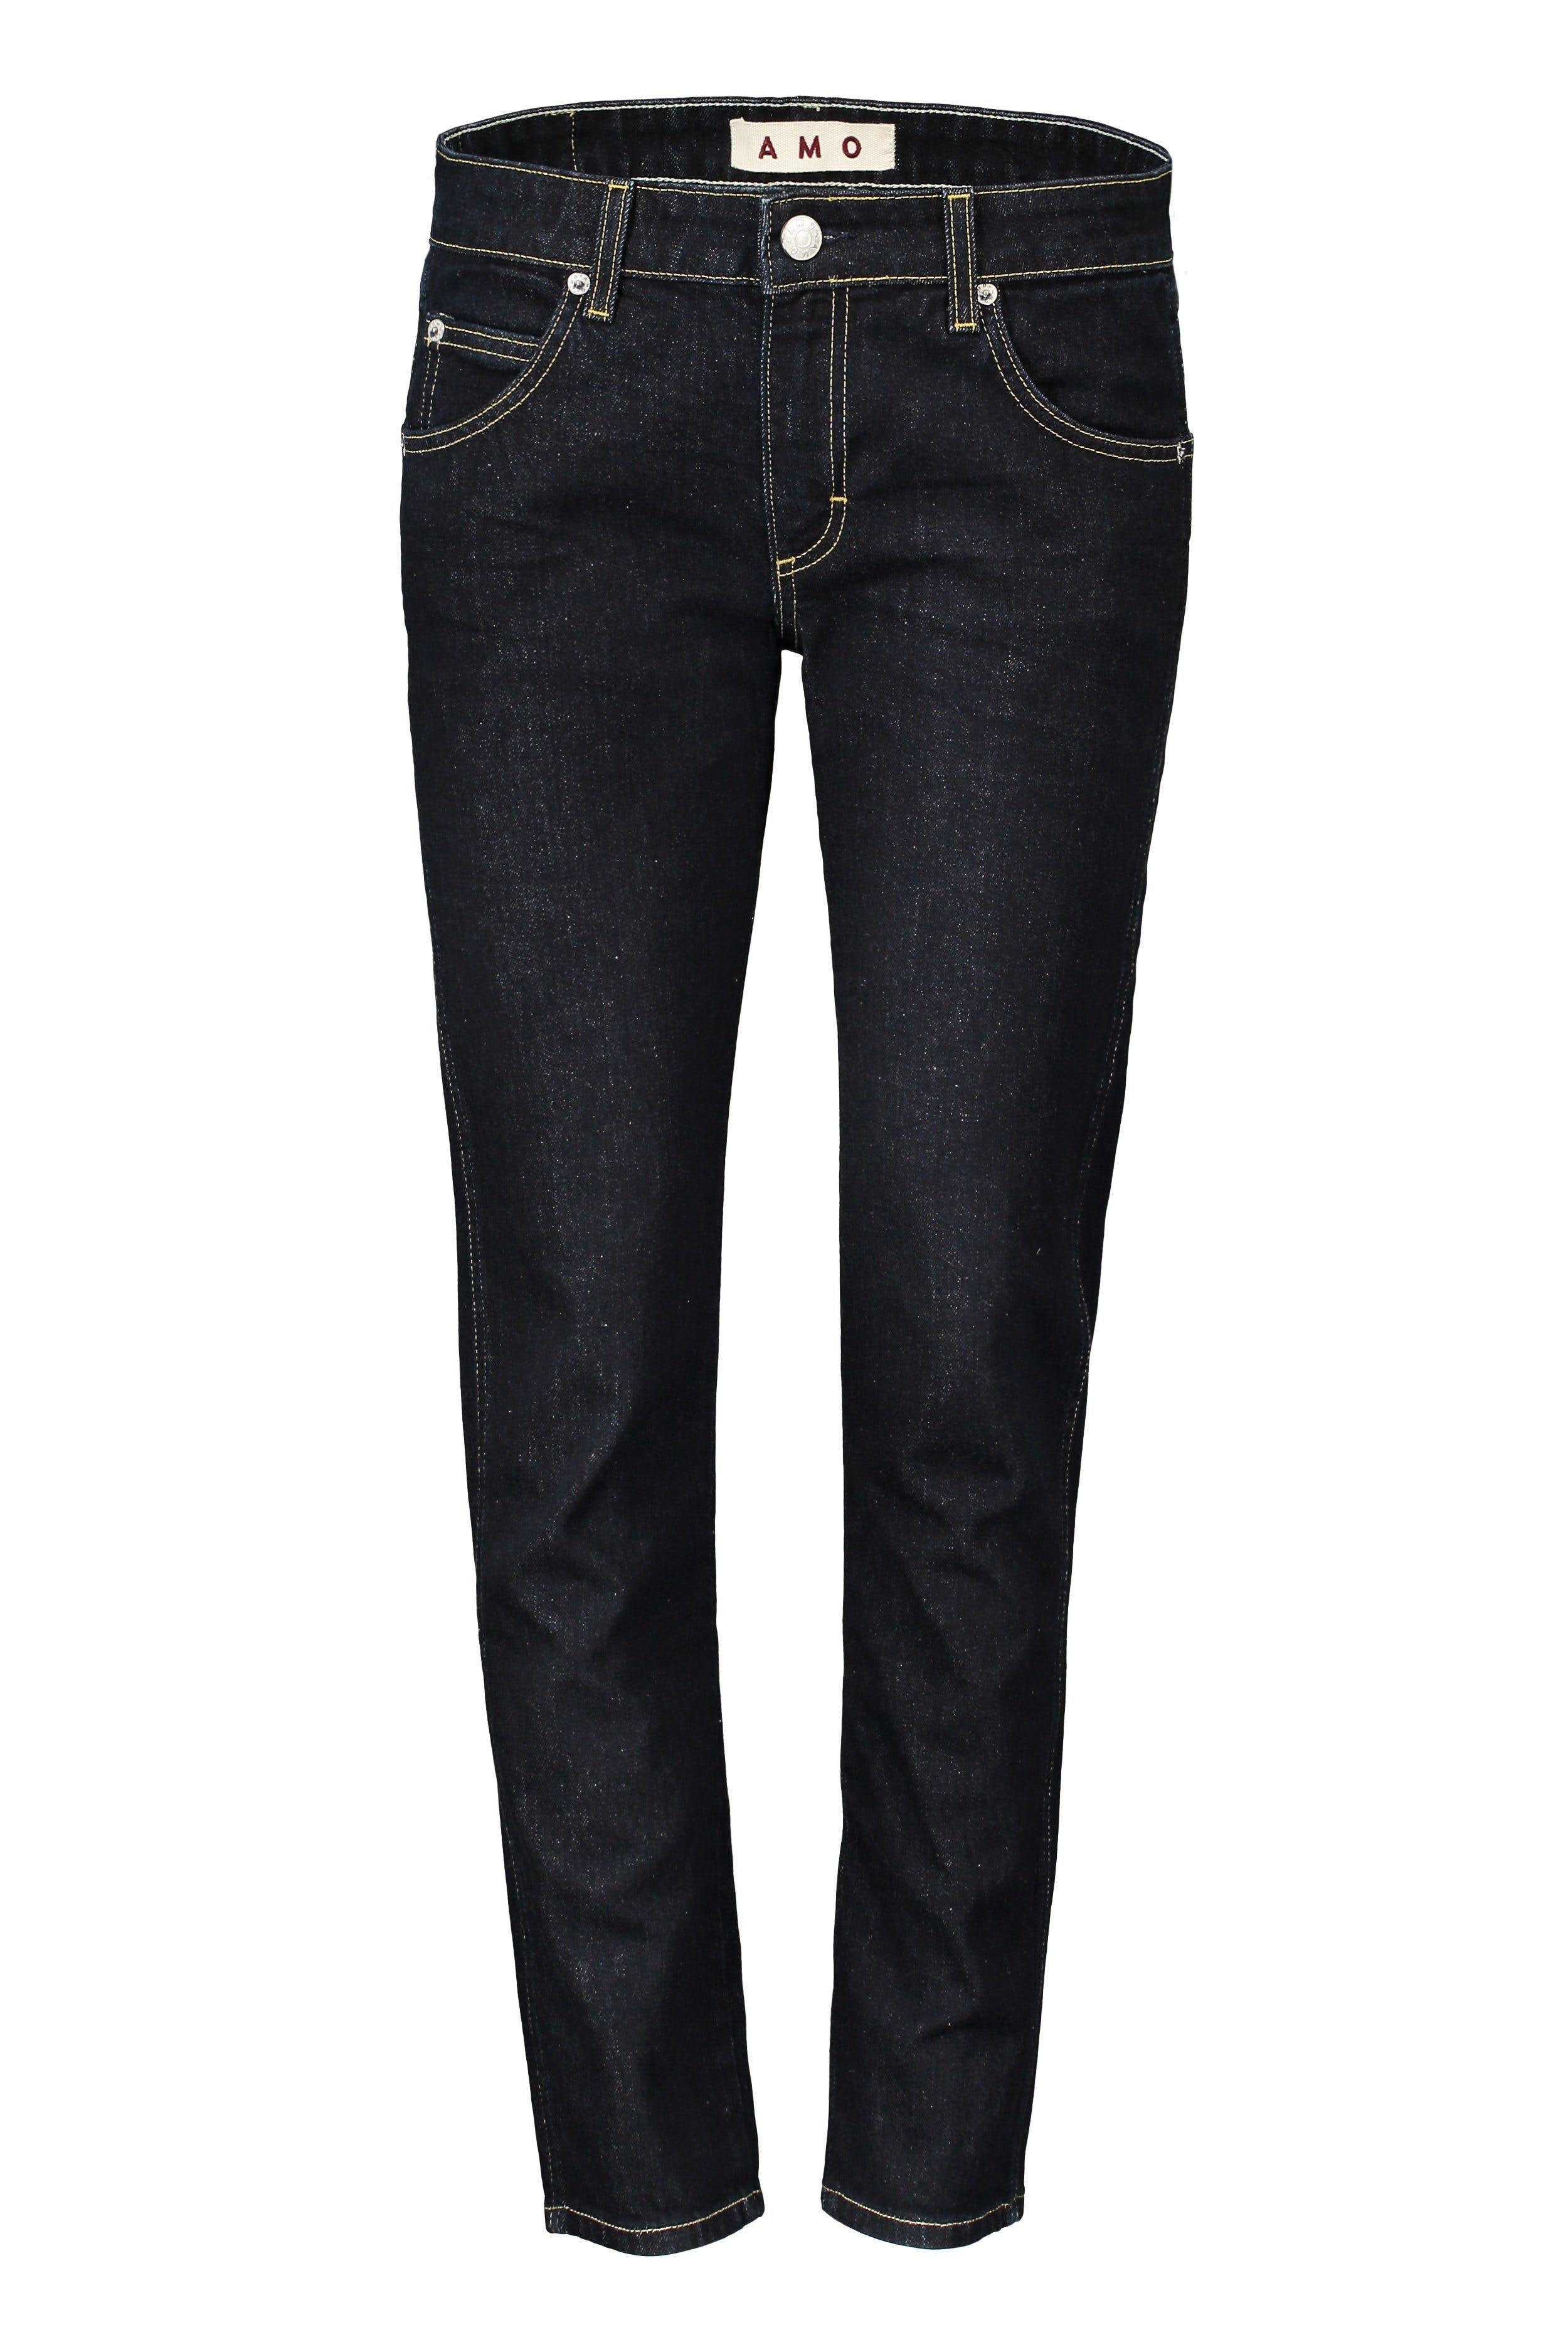 amo denim, amo jeans, raw denim, bow jeans, skinny jeans, soft raw denim, clean denim, denimblog